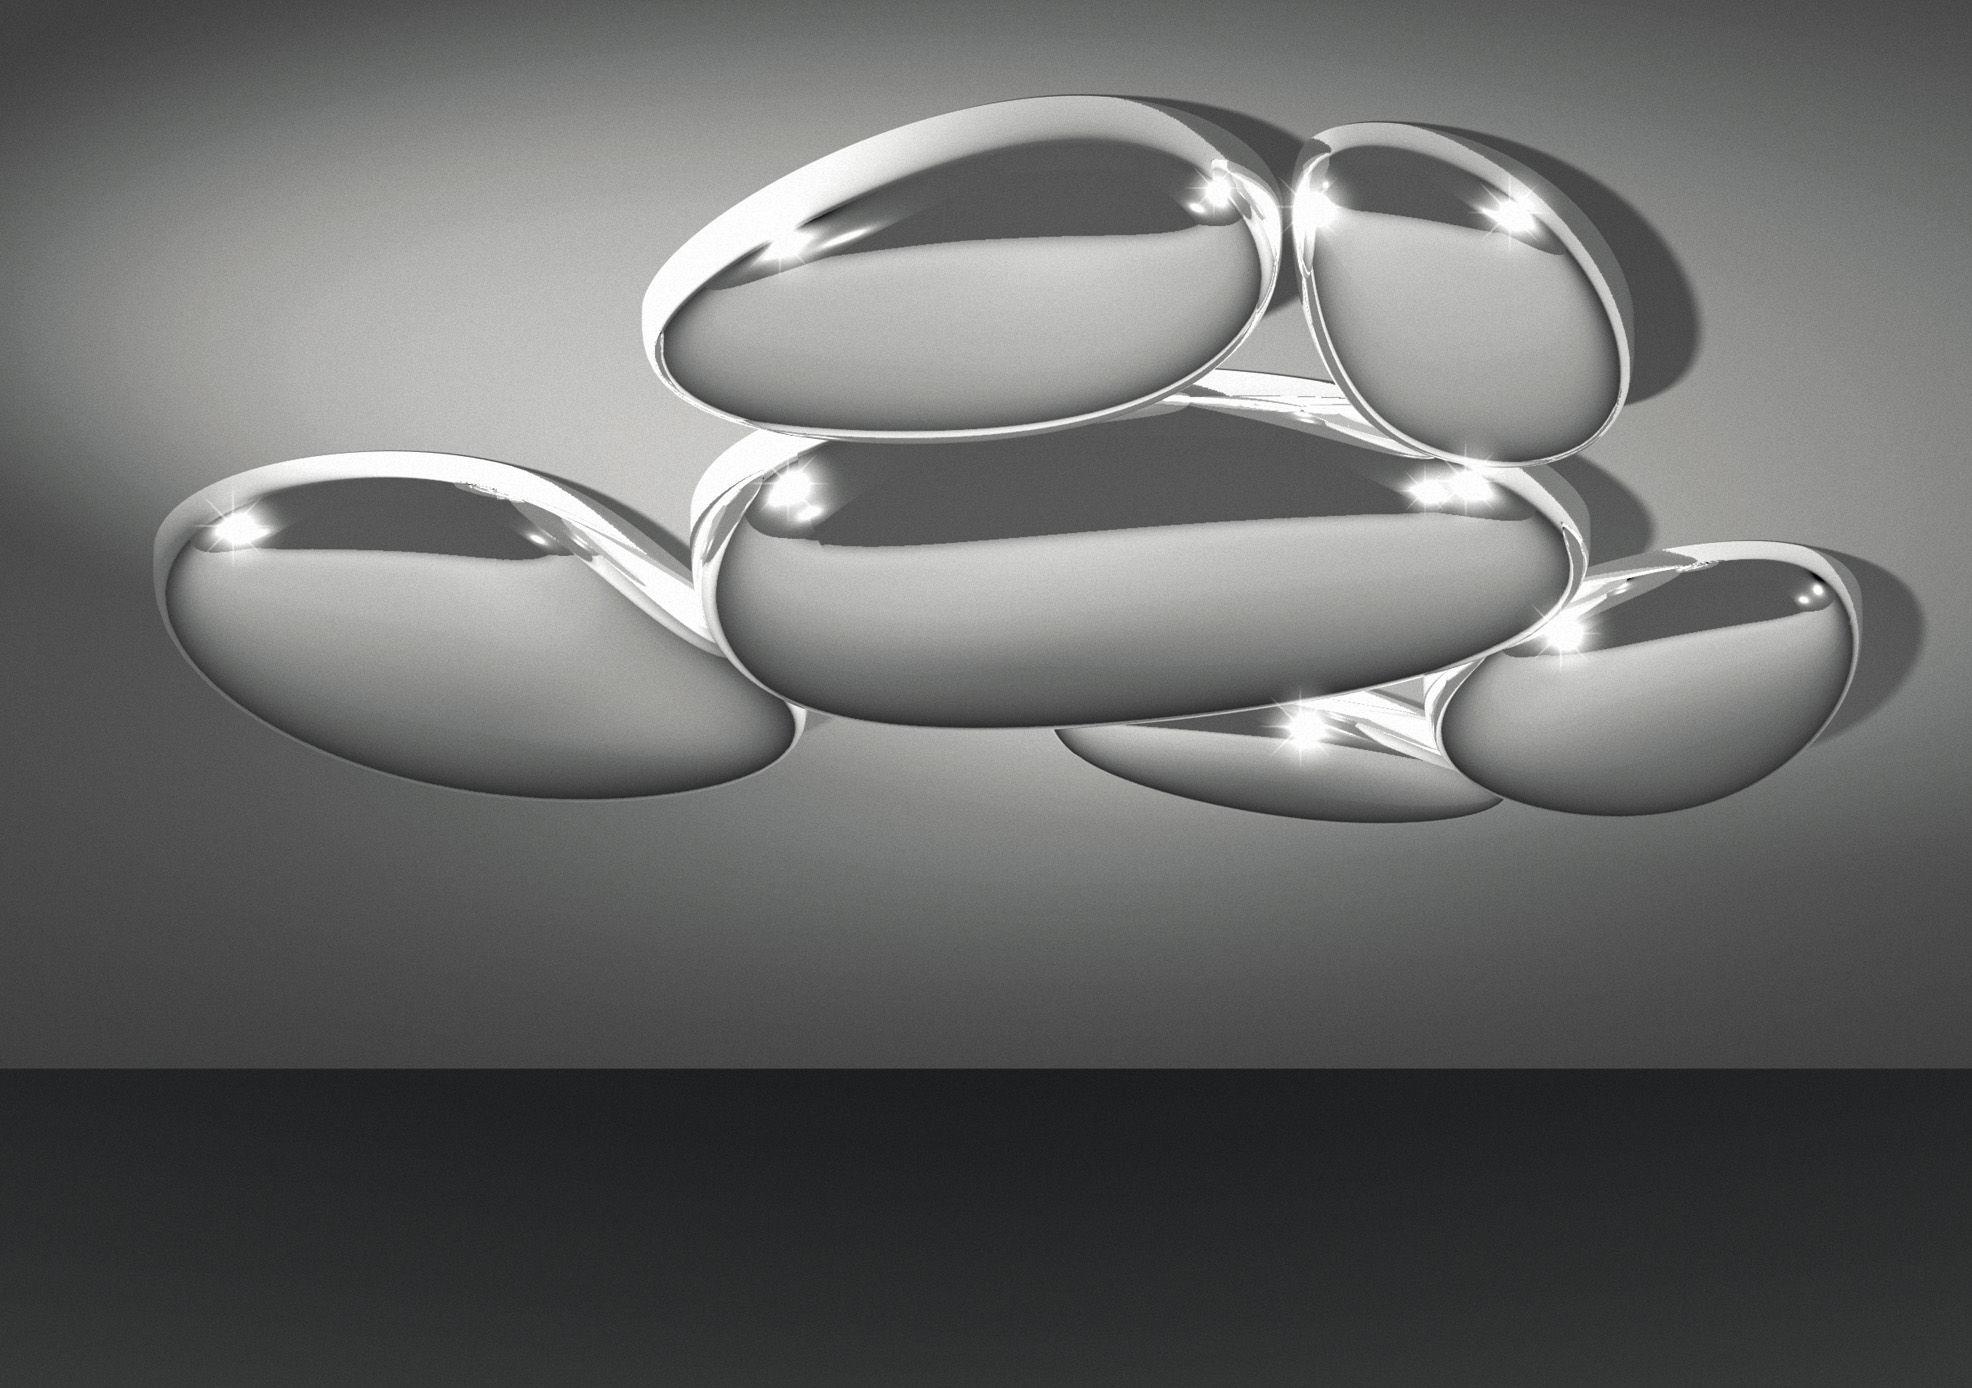 Plafoniera Ufficio Design : Plafoniera skydro artemide cromato lucido l h